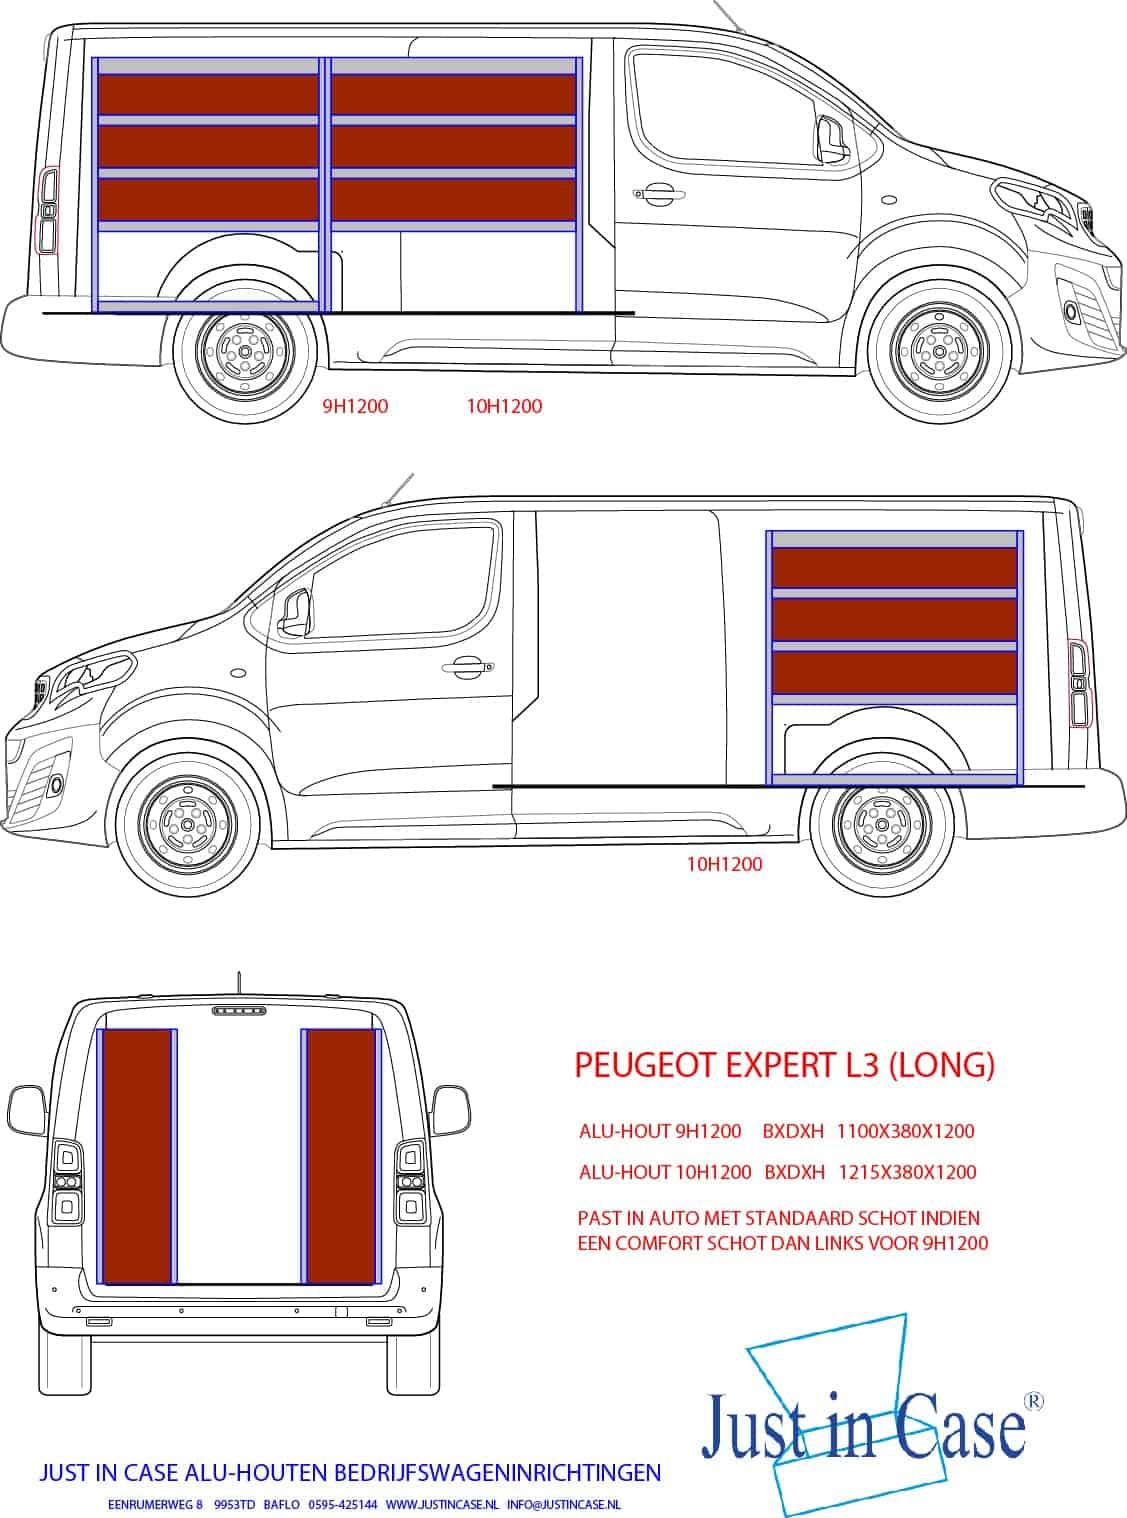 Peugeot Expert Long (L3) bedrijfswageninrichten schets